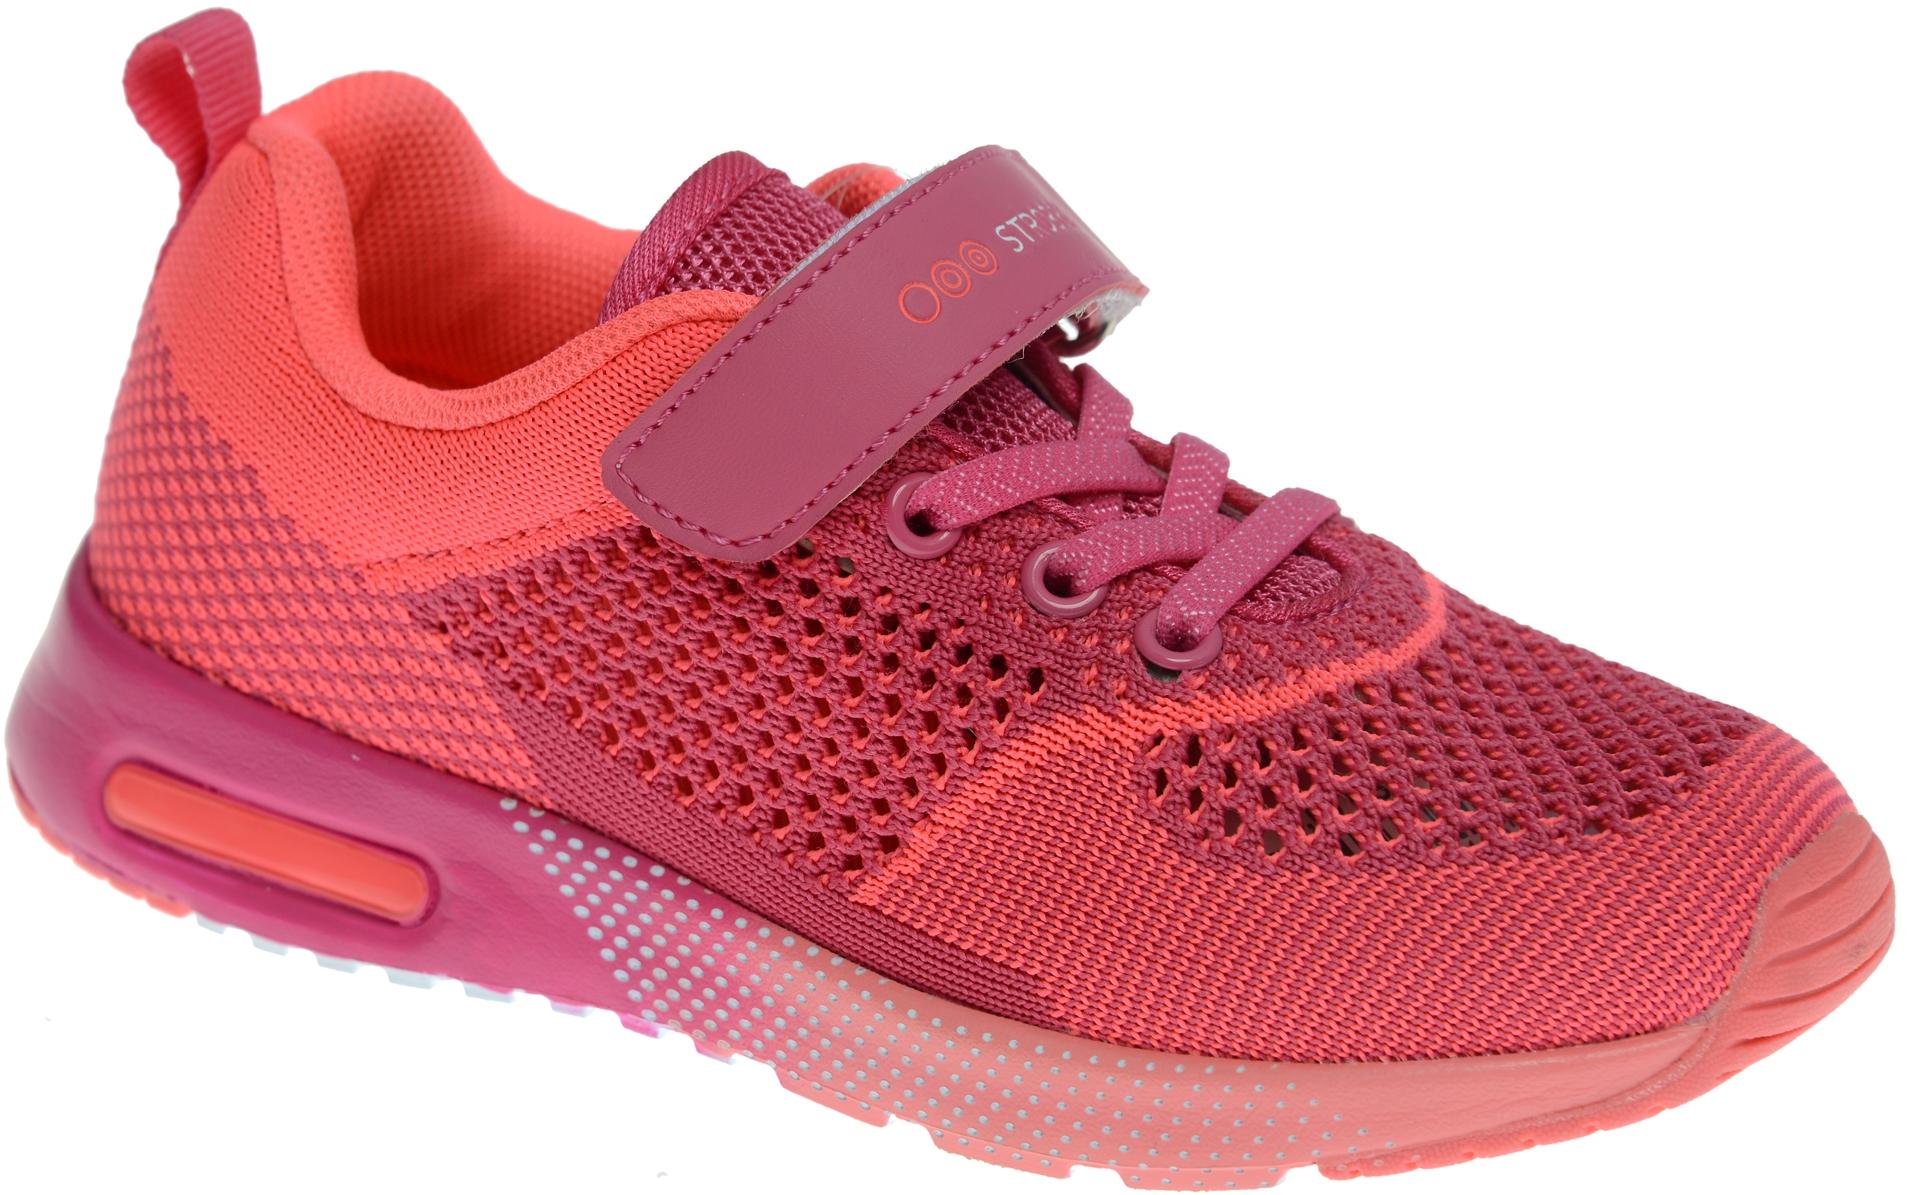 Кроссовки для девочки Strobbs, цвет: коралловый. N1548-11. Размер 32N1548-11Стильные кроссовки для девочки Strobbs отлично подойдут для активного отдыха и повседневной носки. Верх модели выполнен из вязаного текстиля. Удобная шнуровка и хлястик на липучке надежно зафиксируют модель на стопе. Особая форма подошвы обеспечит удобство при ходьбе и отличную амортизацию.